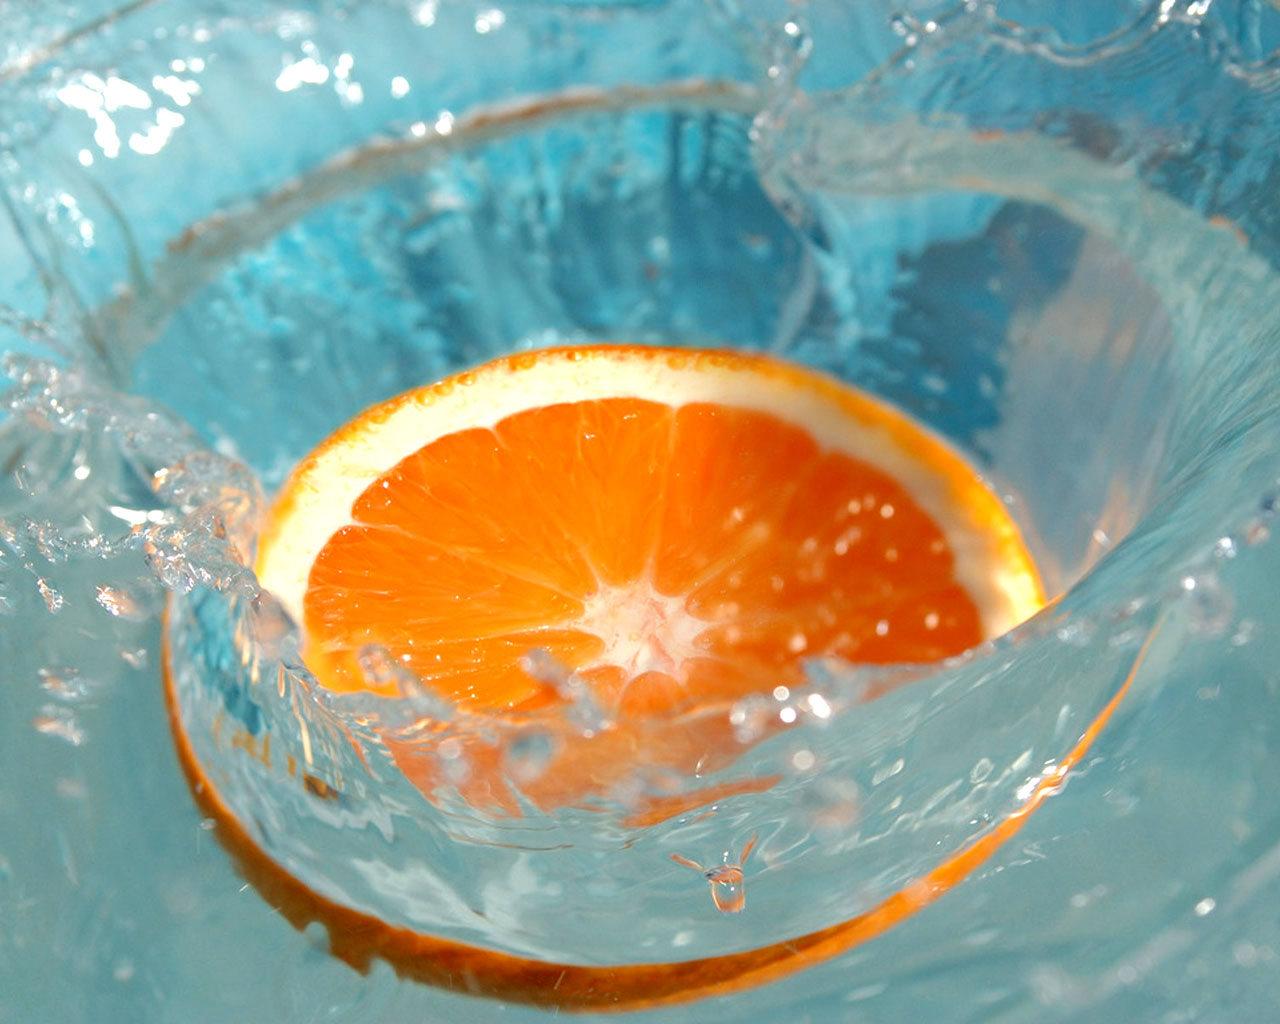 Апельсин в воде, брызги, фото, orange, обои для рабочего стола